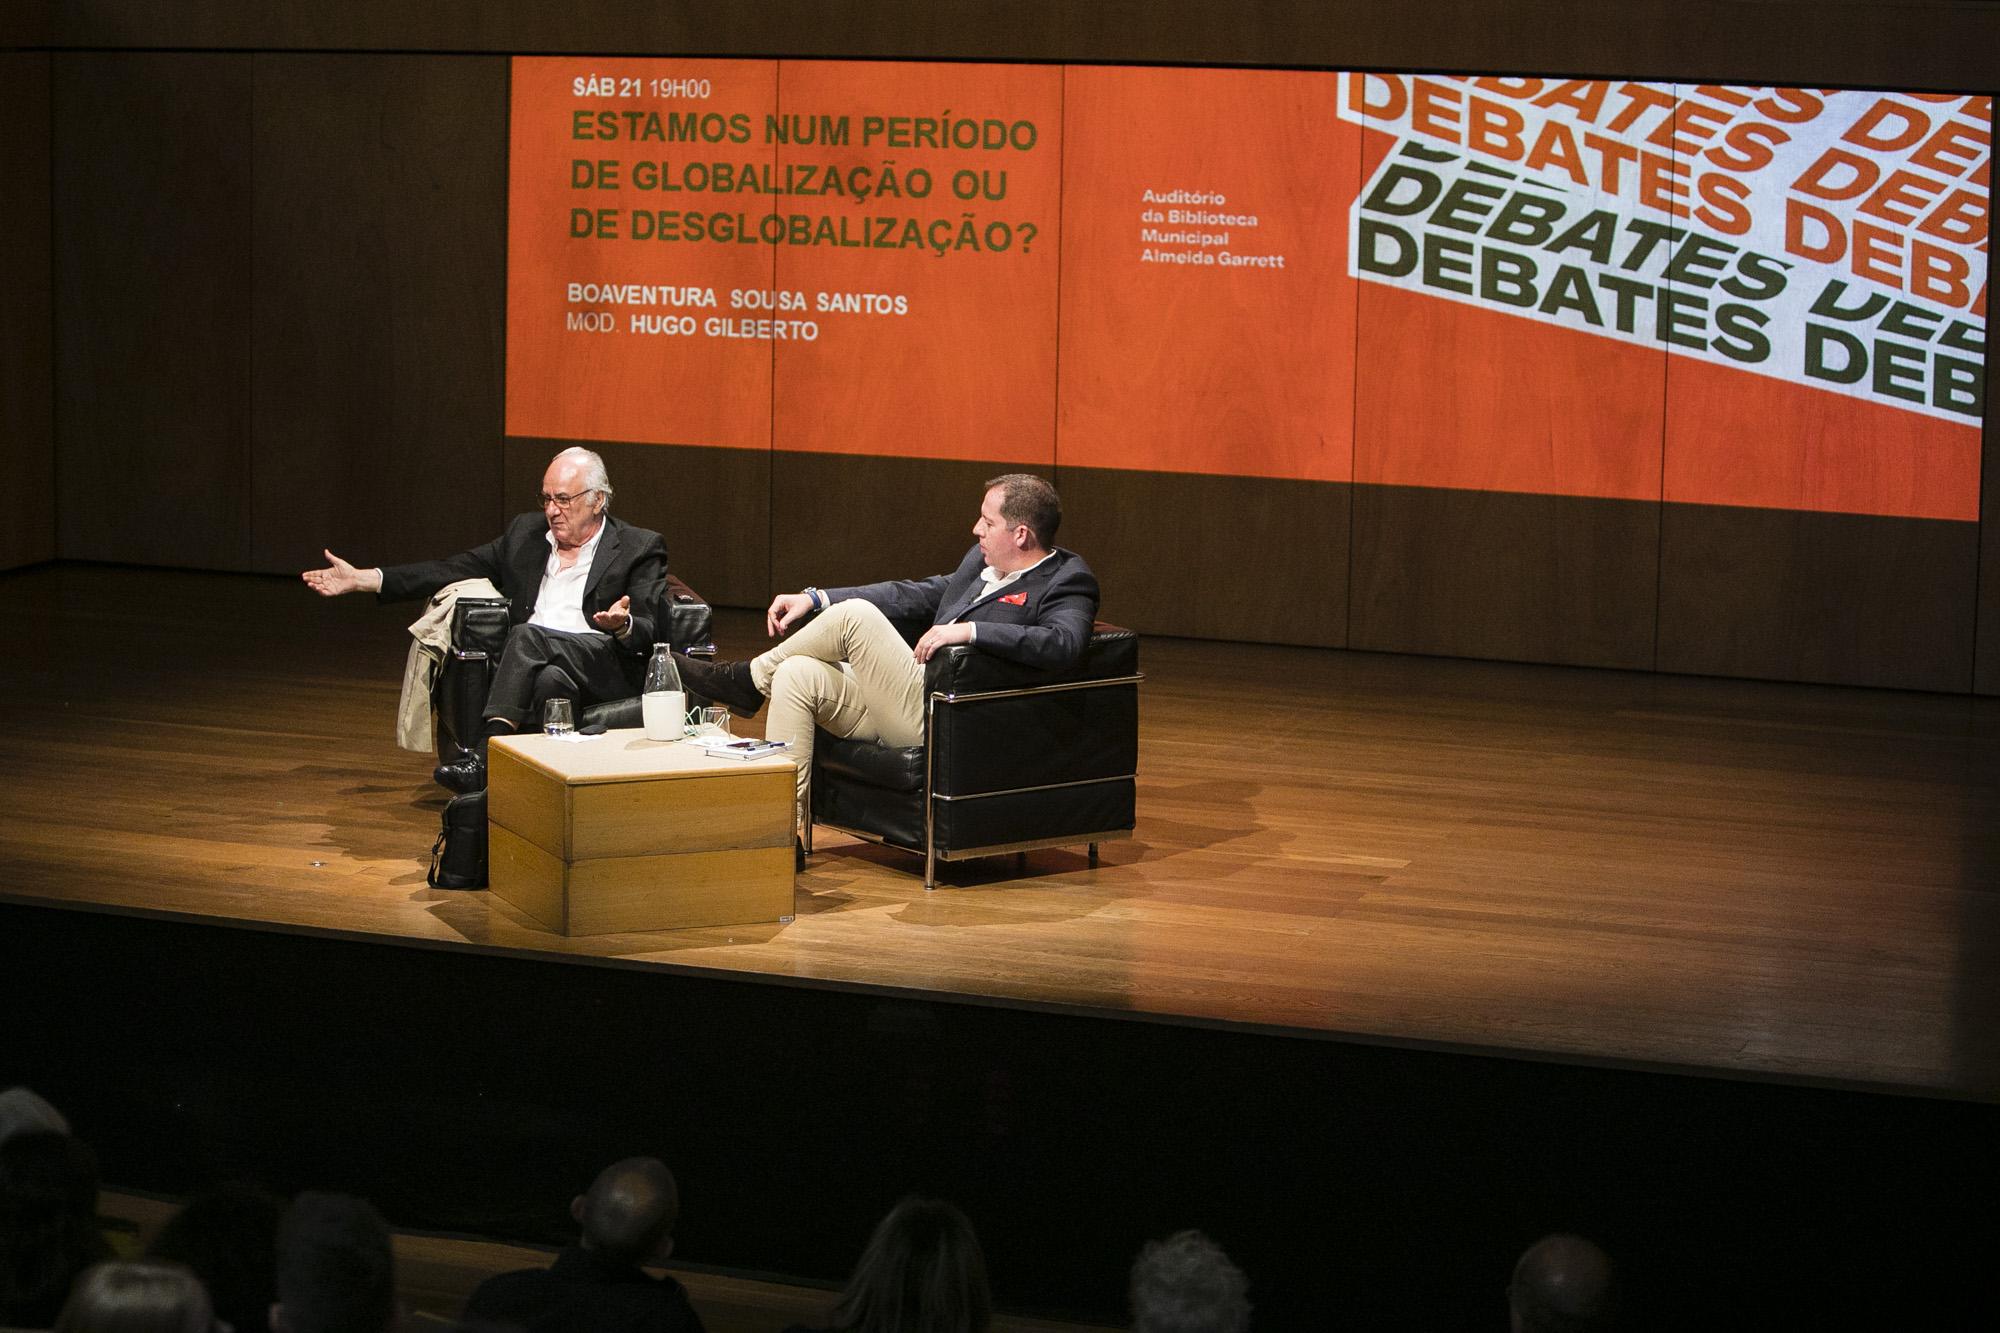 Conferência ''Estamos num período de Globalização ou Des-globalização?'. Fotografia: Miguel Marques Ribeiro